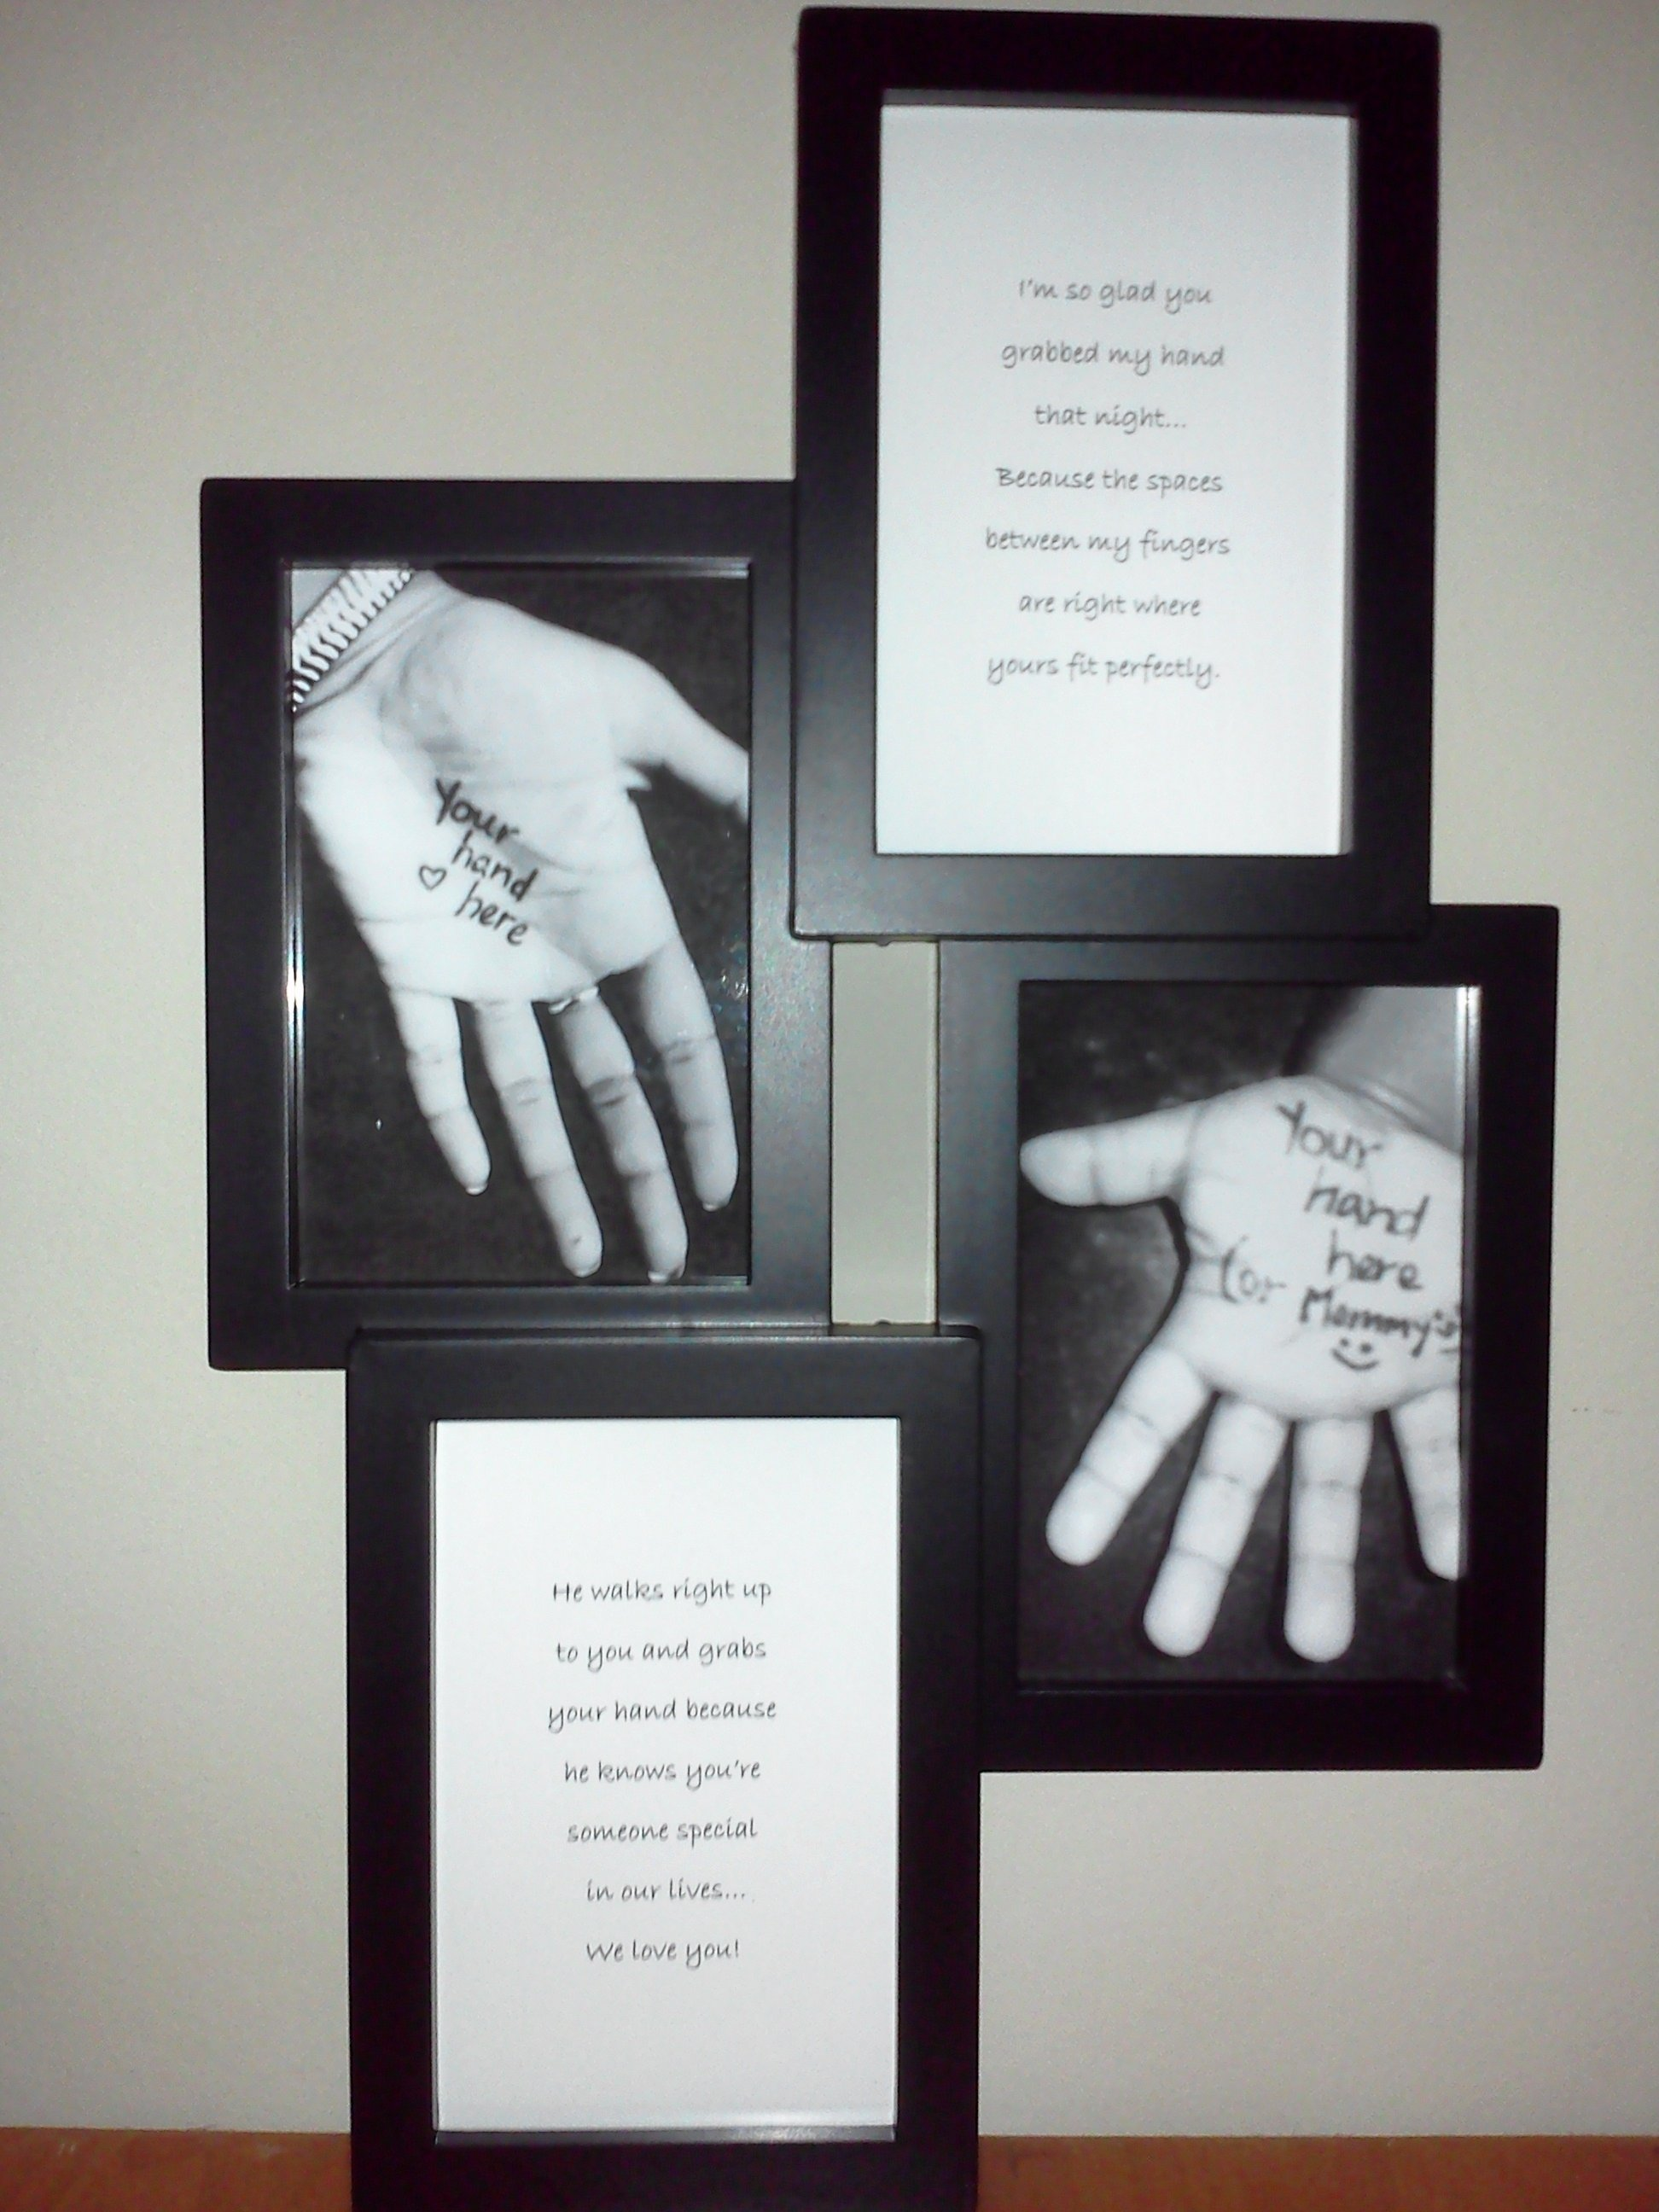 15 Year Wedding Anniversary Gift.Wedding Anniversary 15 Years Gift Ideas